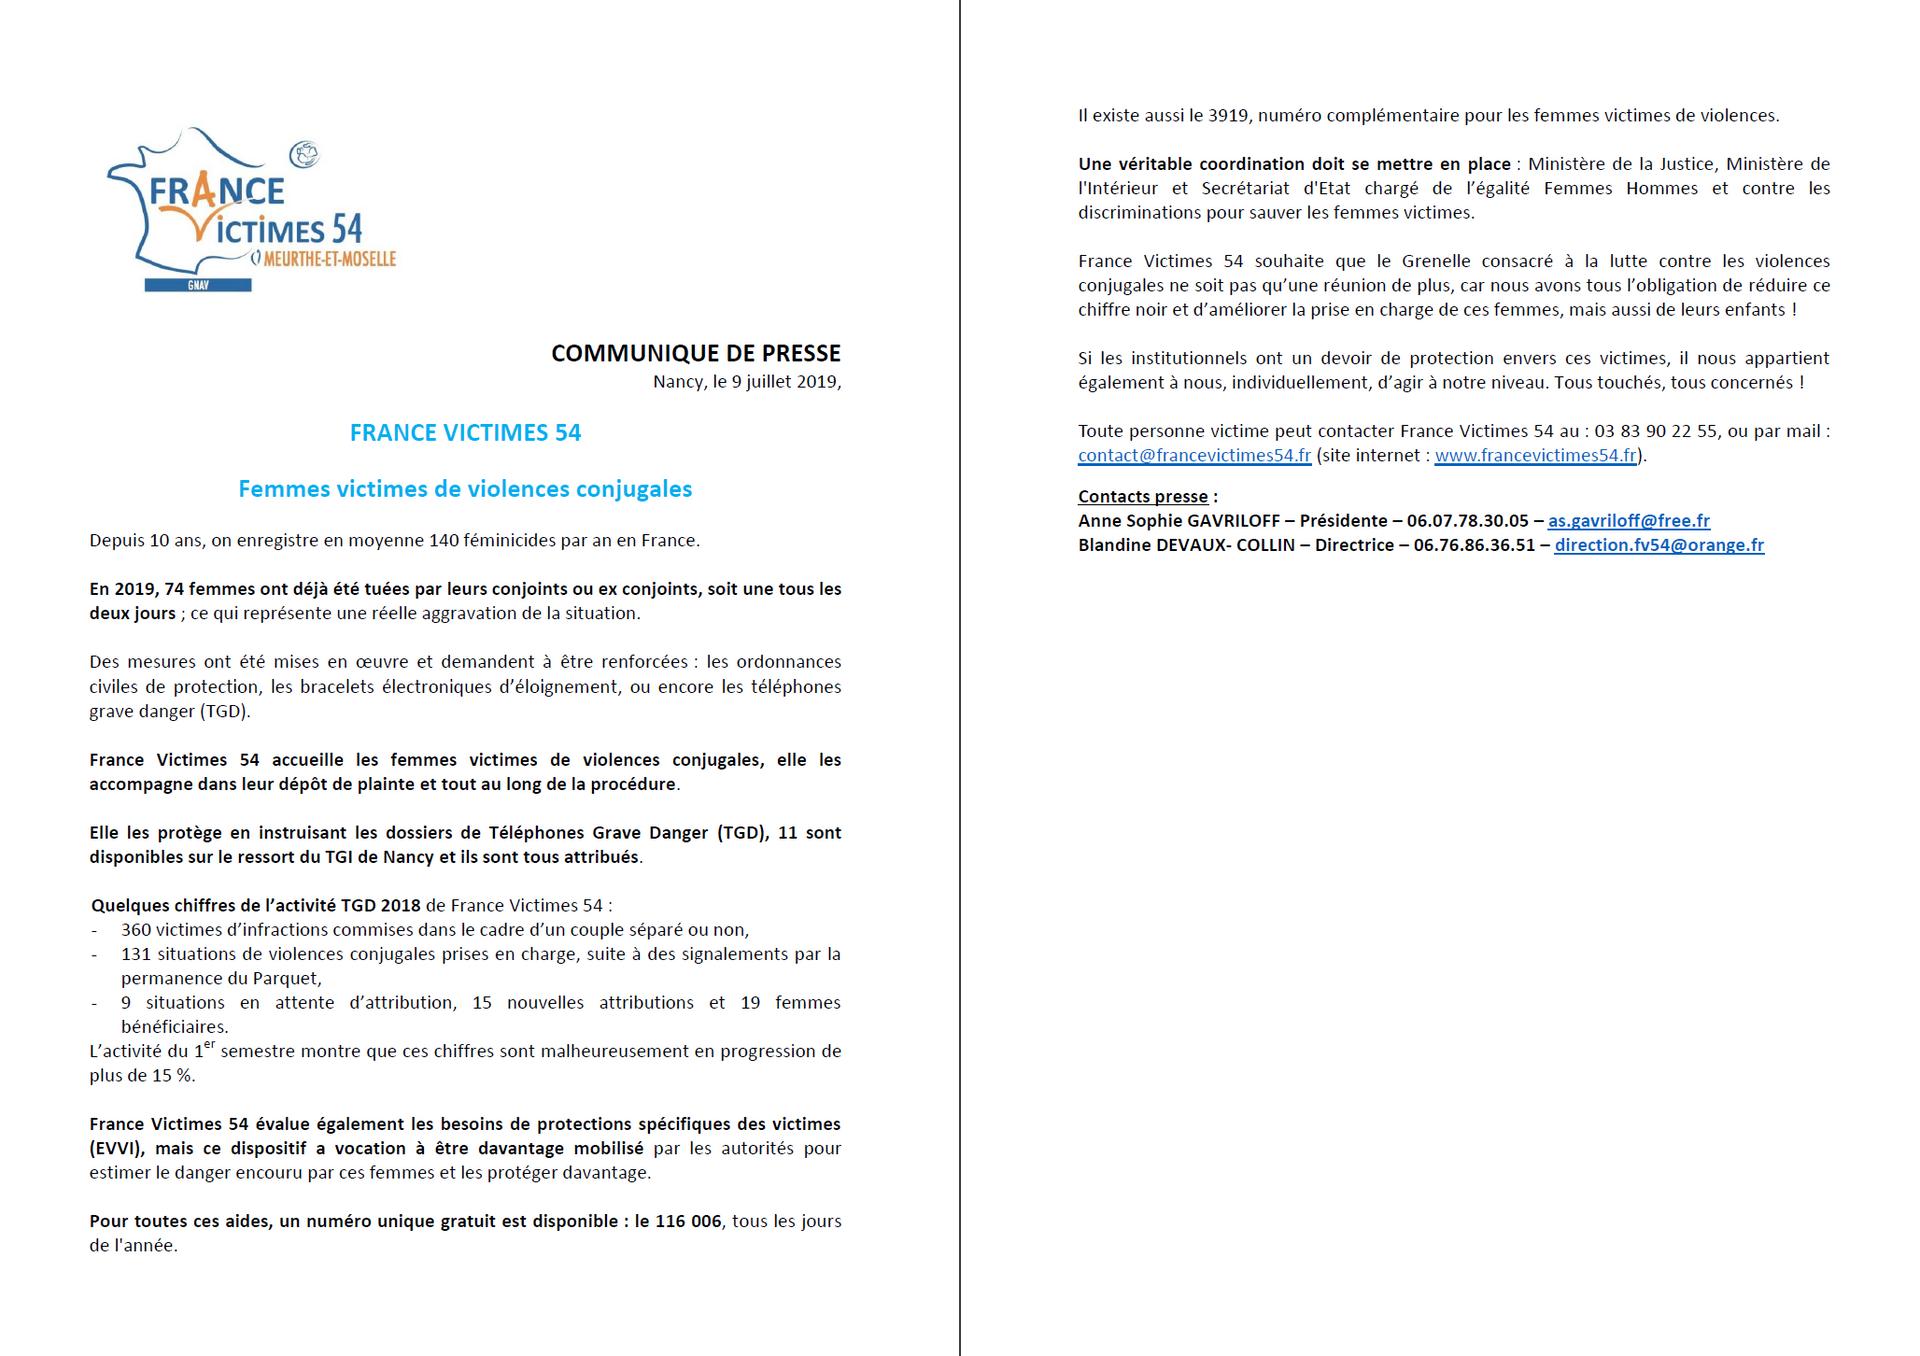 201907 - Communiqué de Presse France Victimes 54